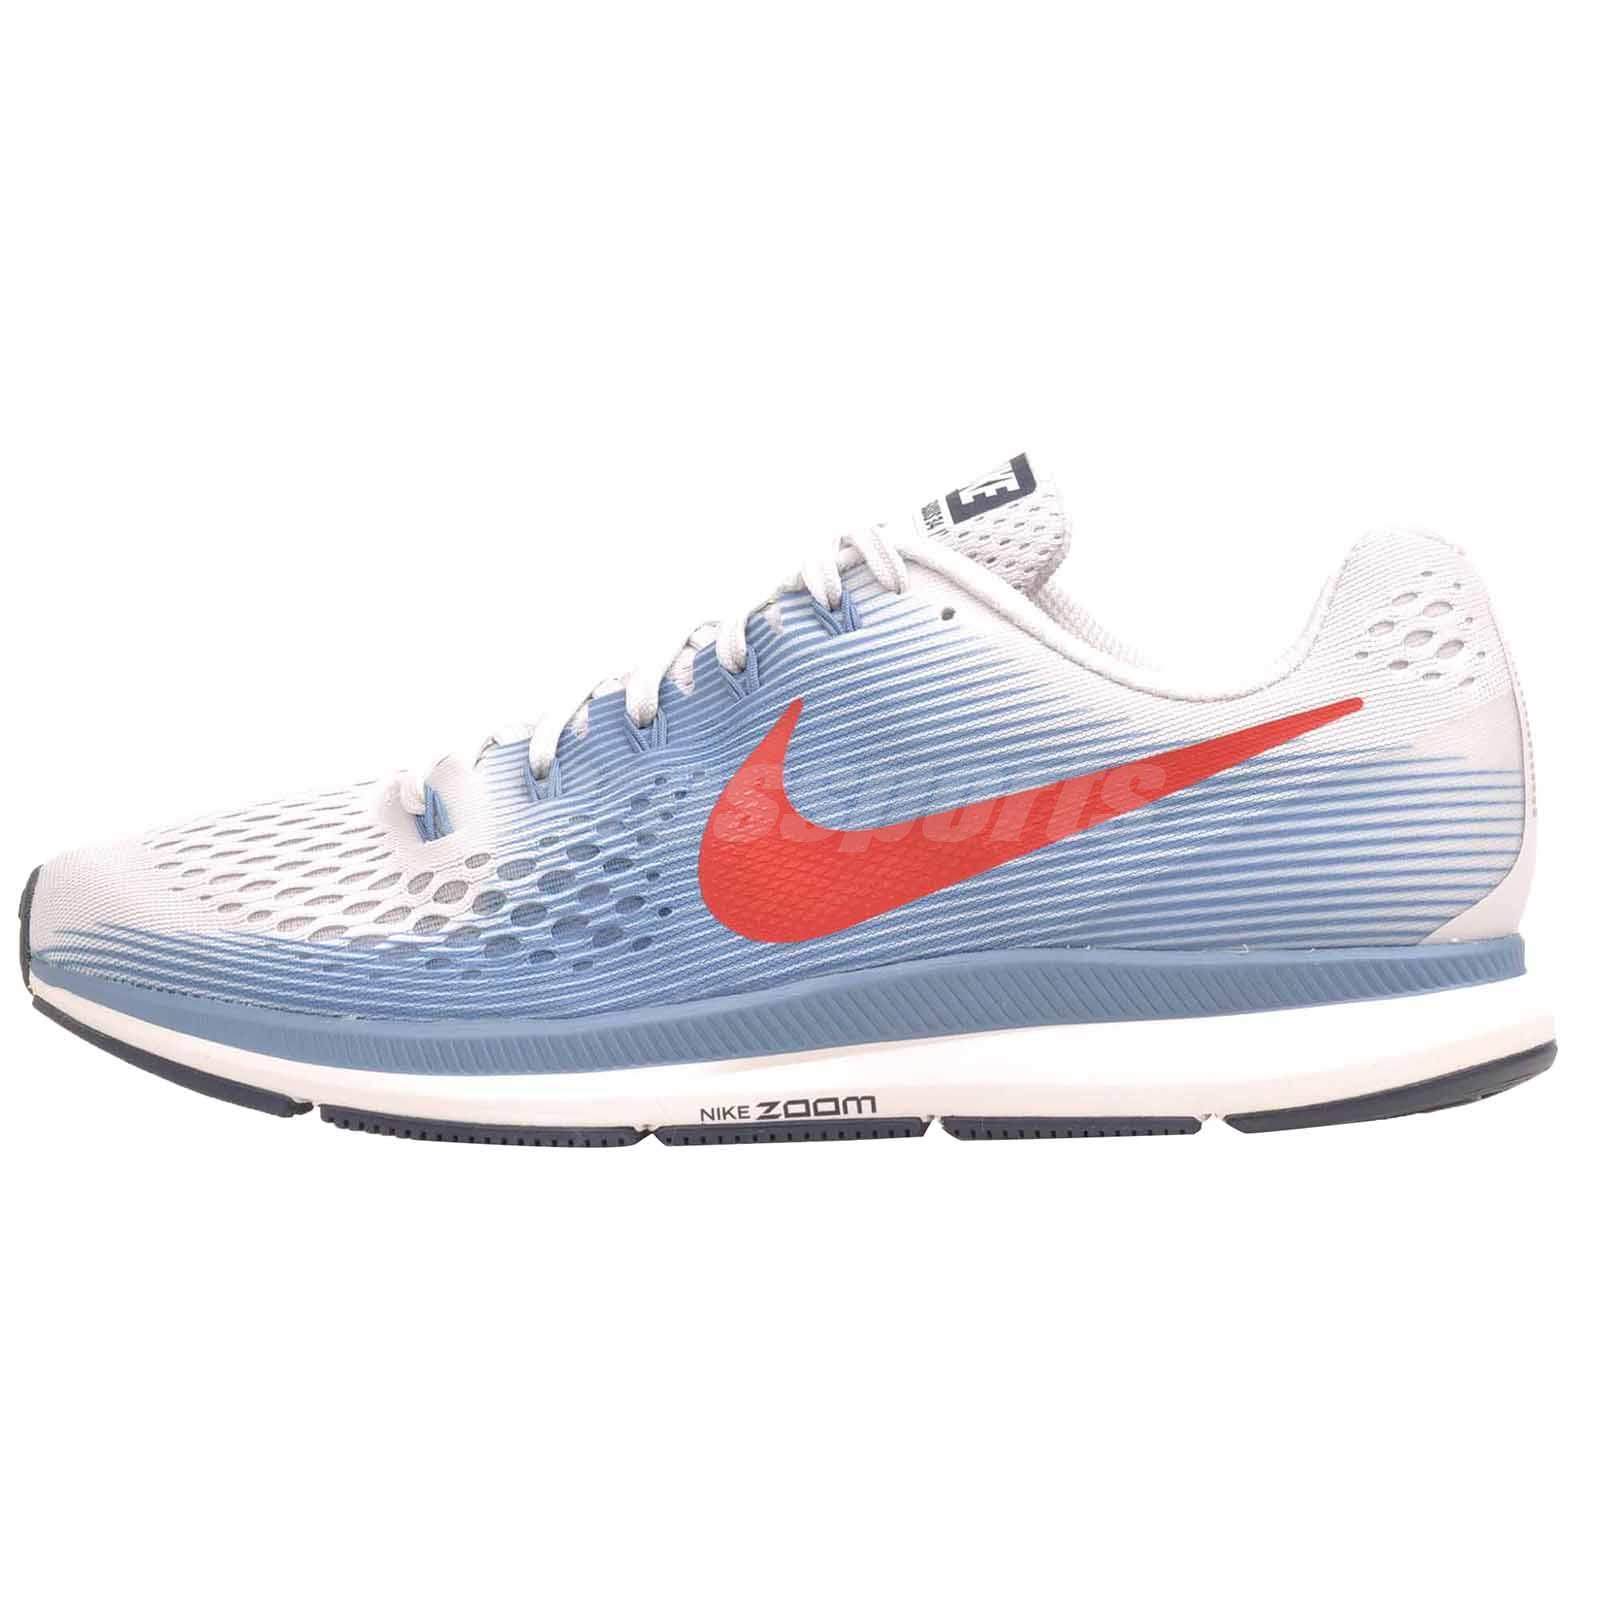 hot sale online 1d47a 5efad Nike Air Zoom Pegasus 34 Running Mens Shoes Vast Grey NWOB 880555-016